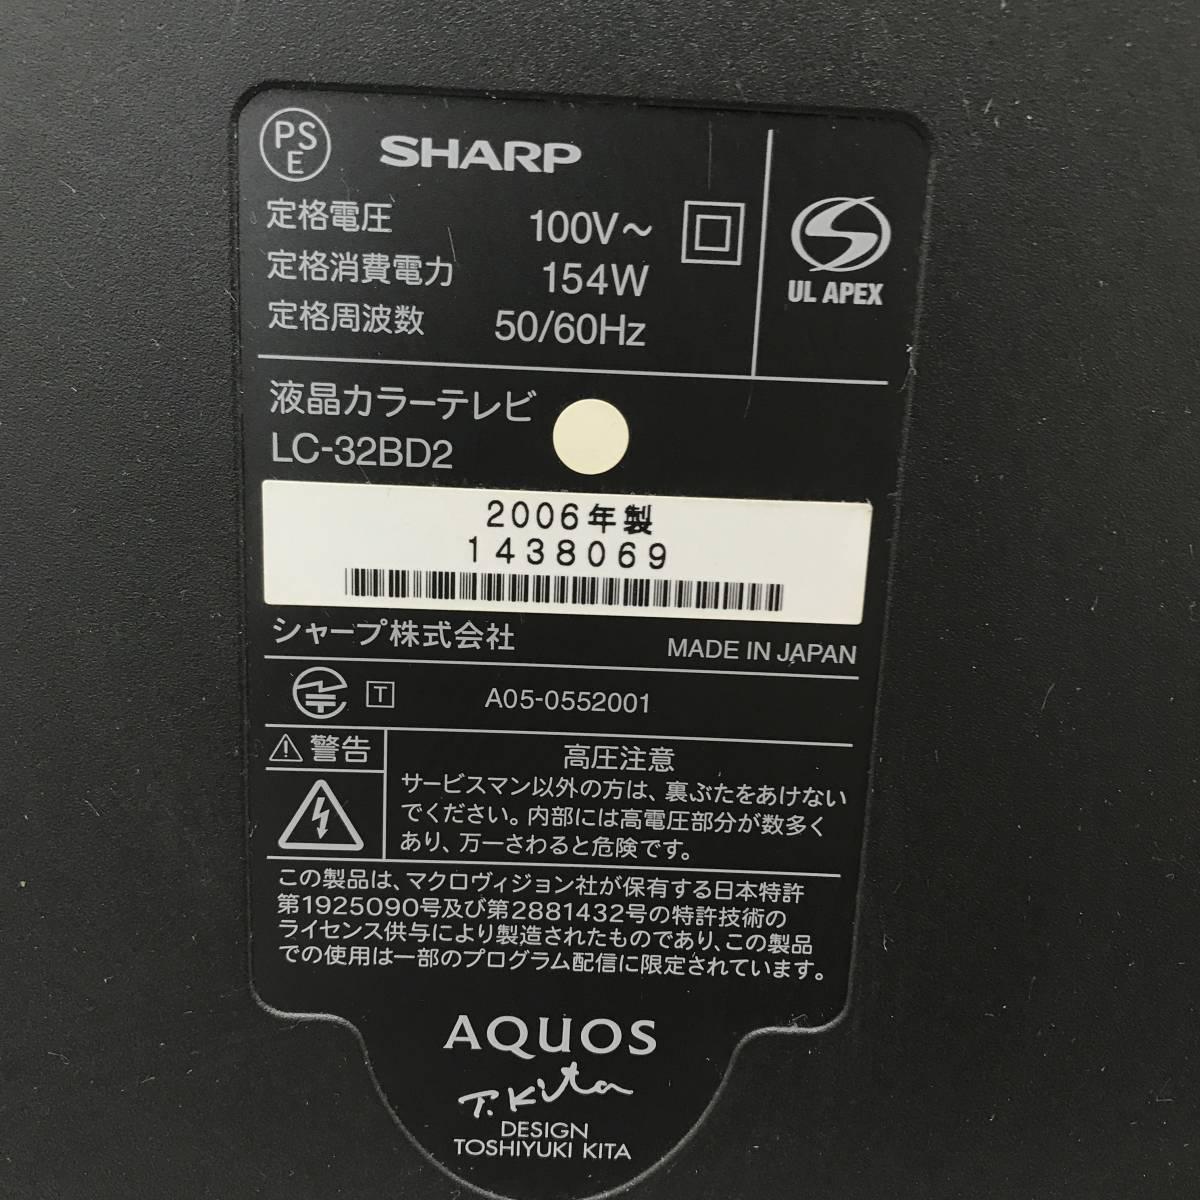 ■ SHARP シャープ 32インチ AQUOS 液晶テレビ 2006年製 LC-32BD2 アクオス リモコン 取説付き 動作品_画像5